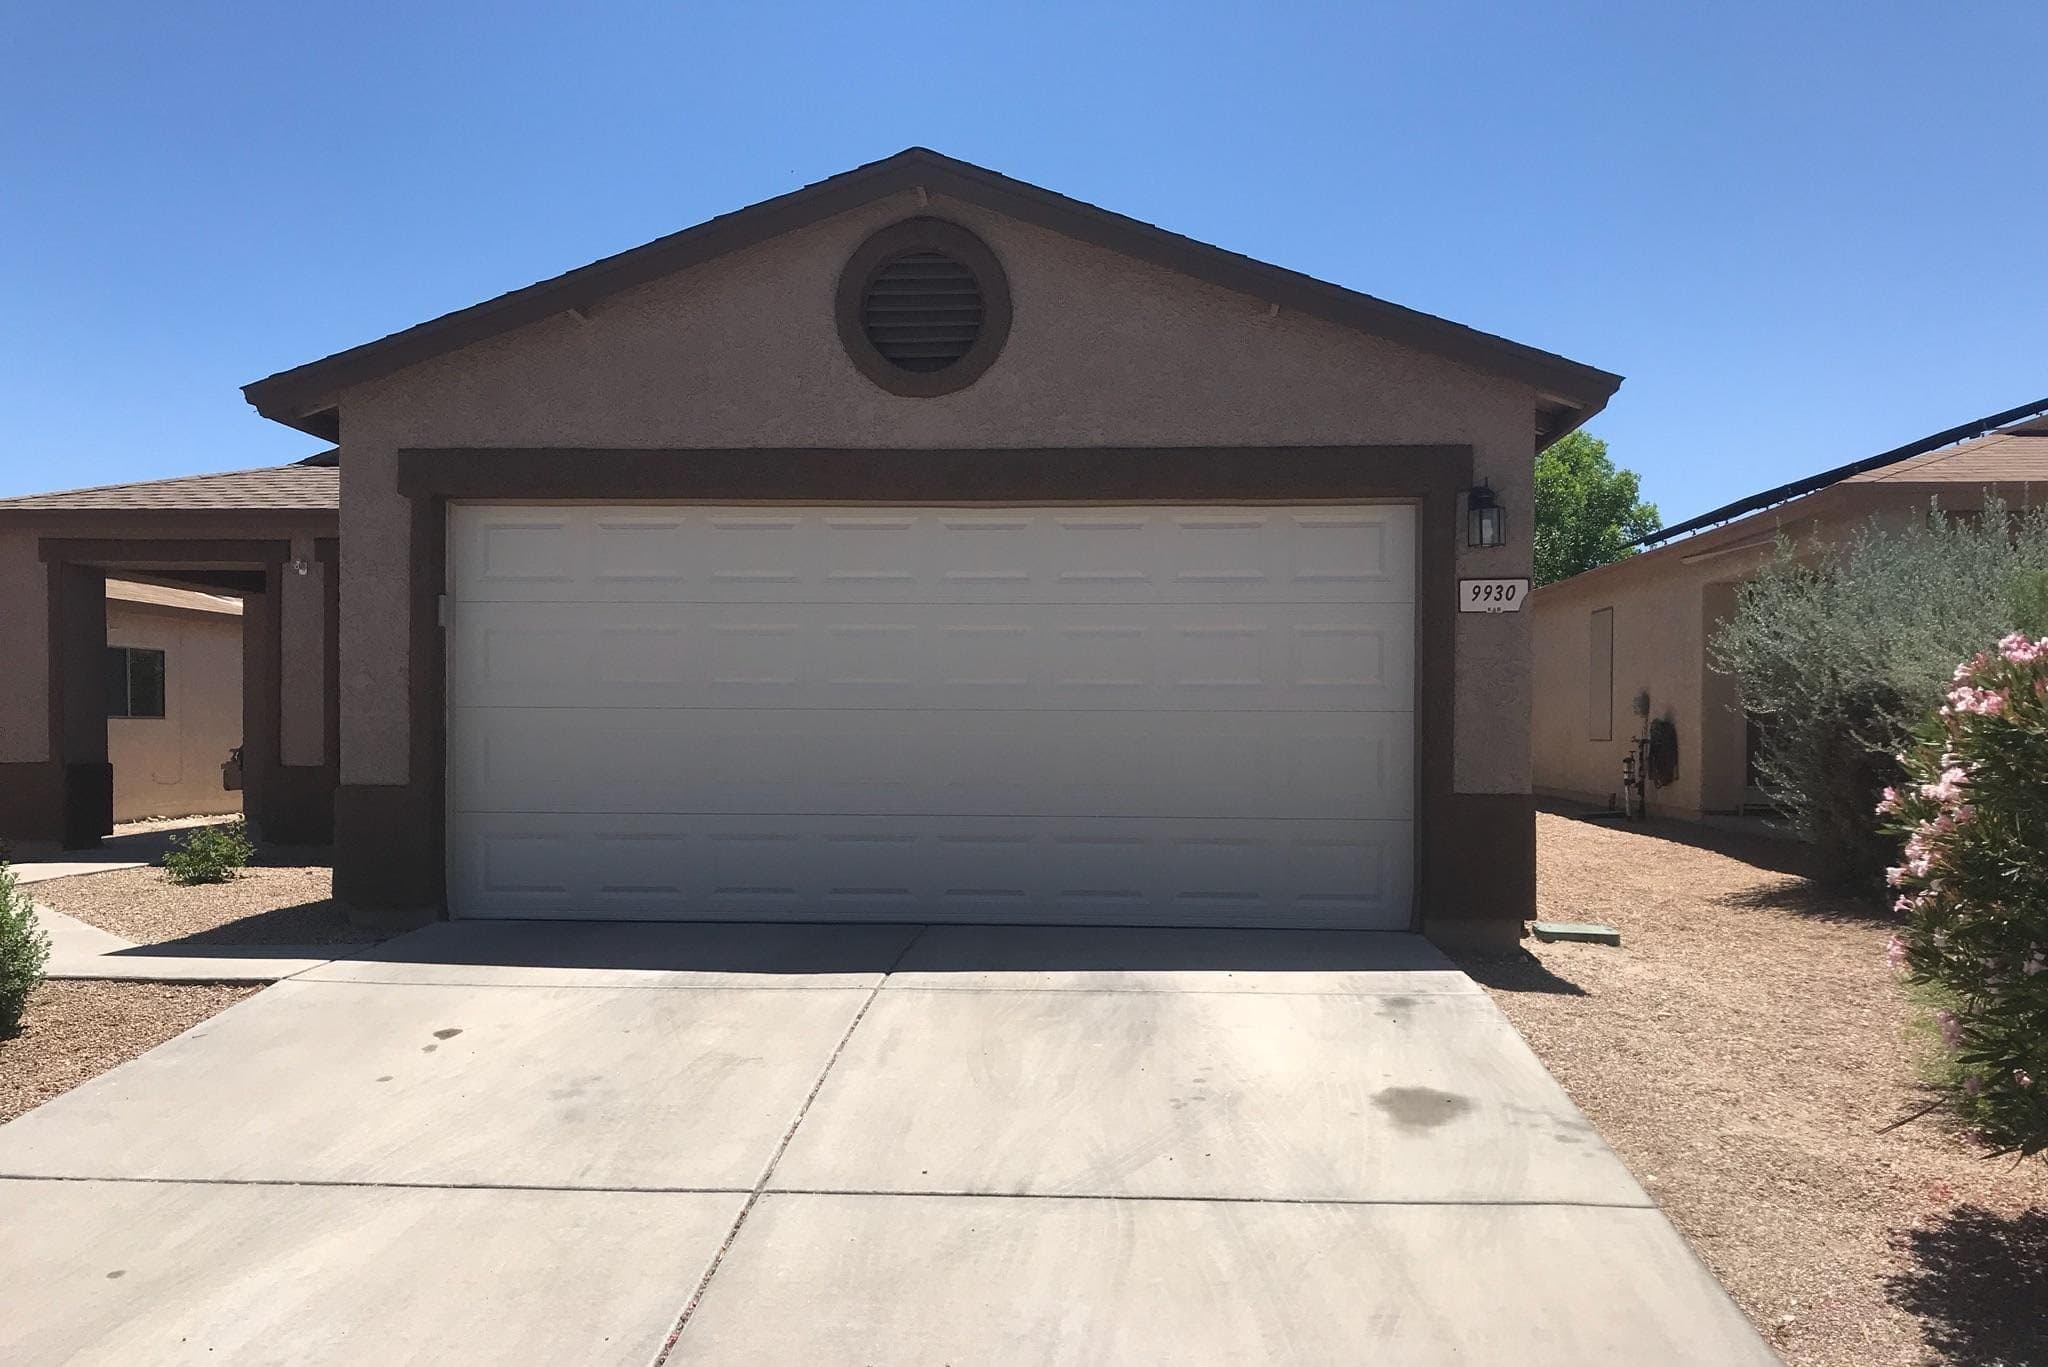 After Garage Door Repair in Tucson